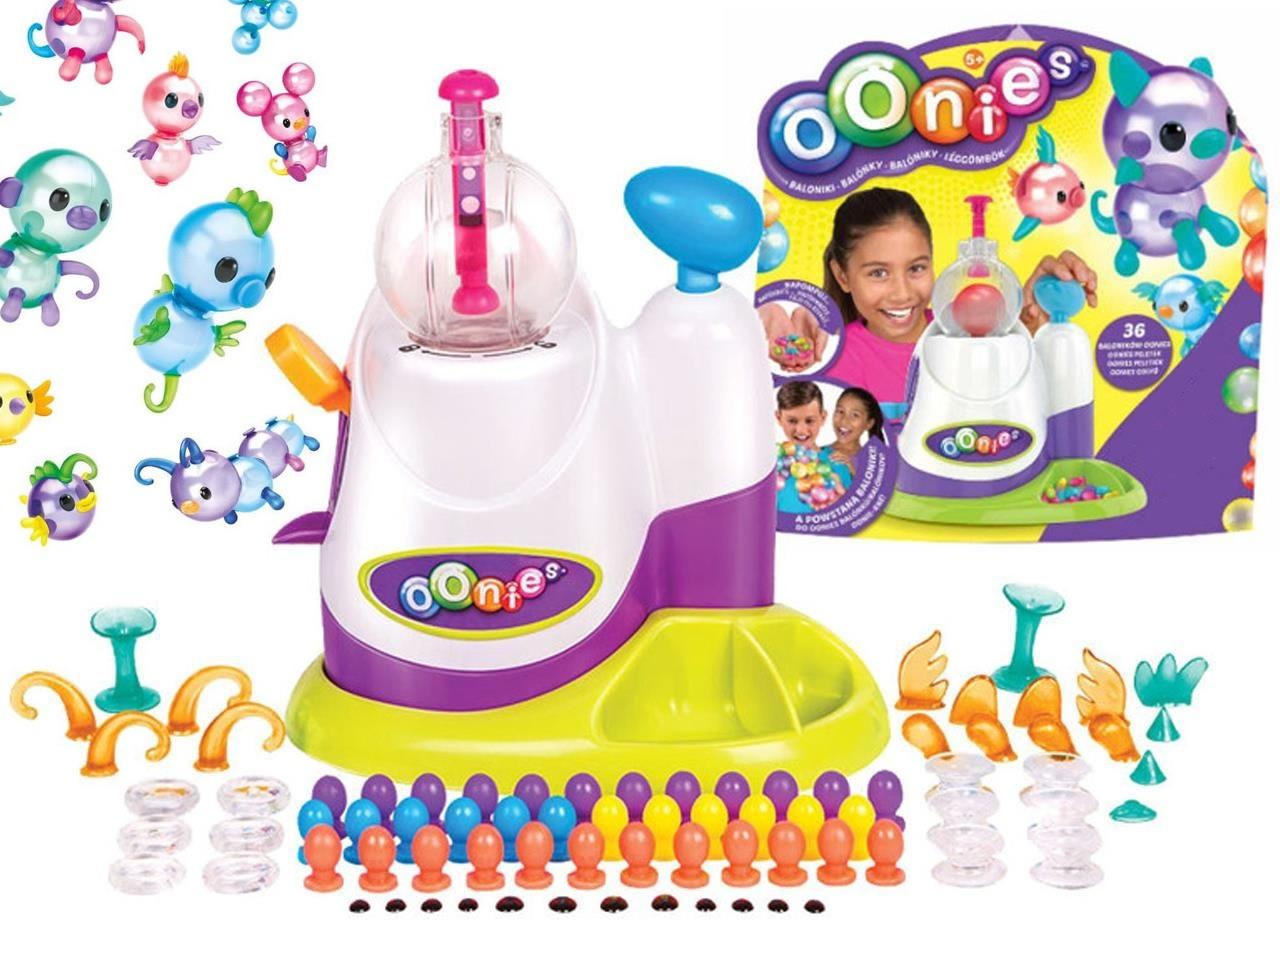 Интерактивная игрушка Oonise Inflator Starter Pack Набор липких воздушных шариков для творчества Онайс Oonise